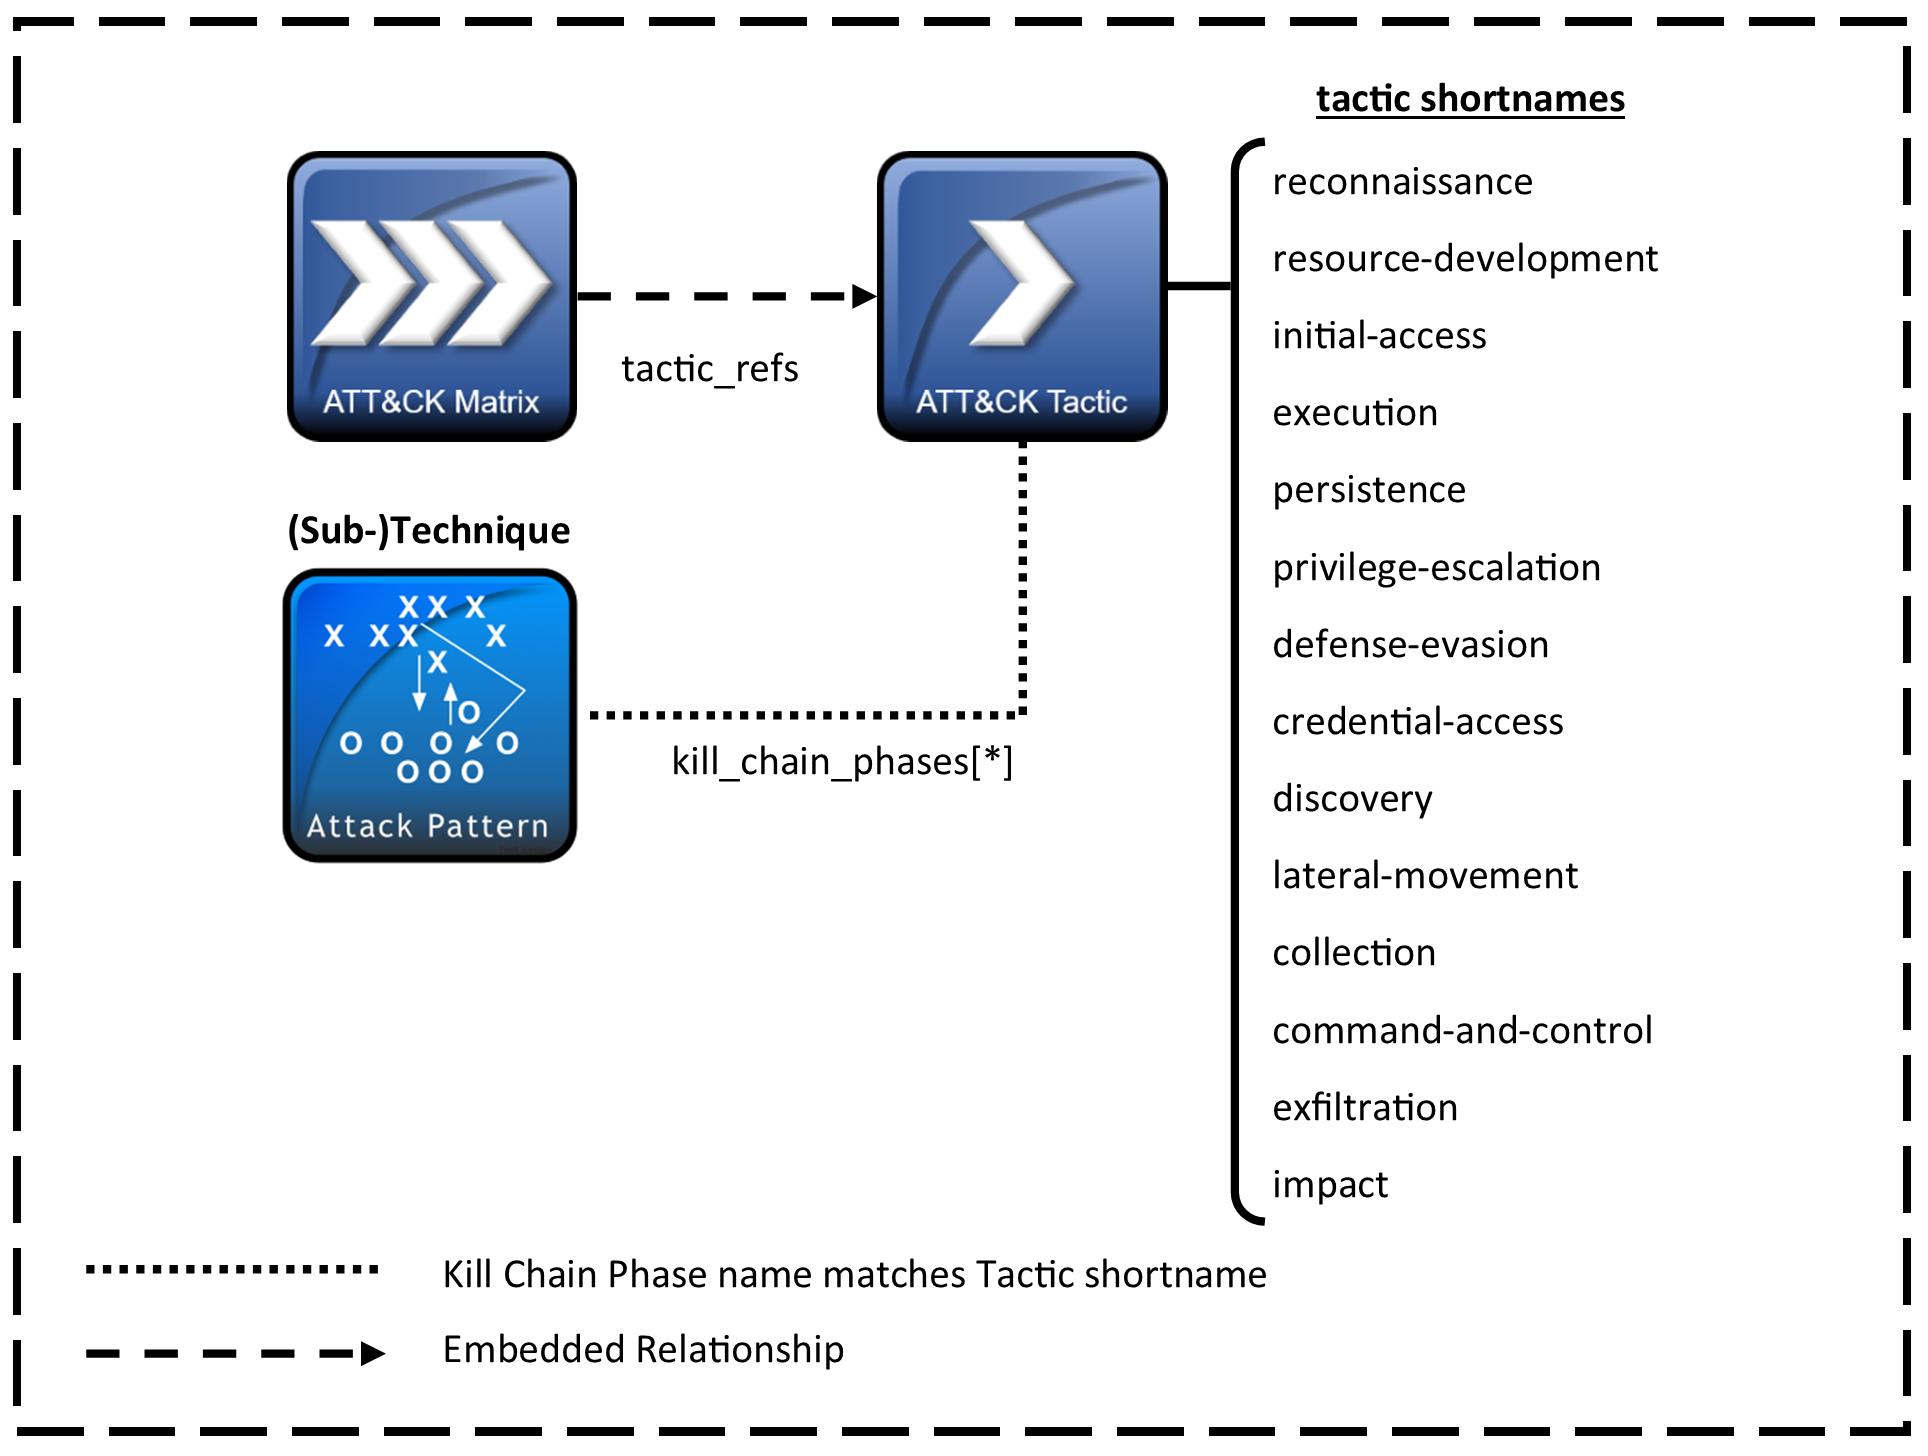 matrix, tactic and technique data model